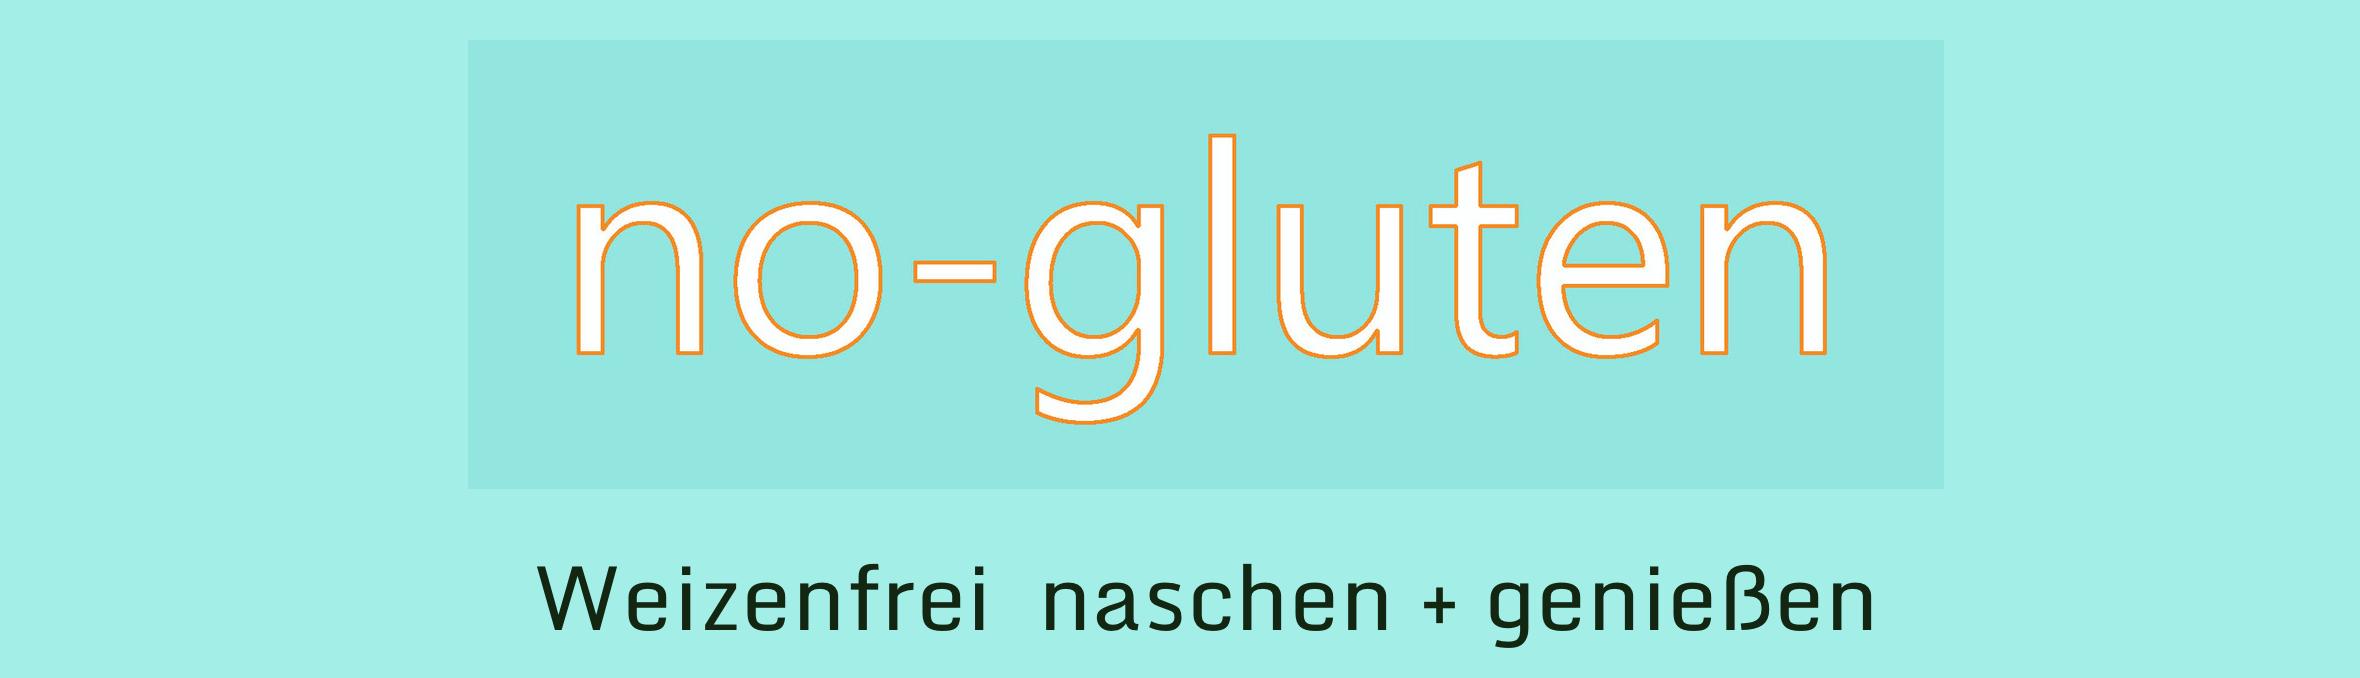 no gluten das neue glutenfreie laden cafe in berlin z liakie austausch. Black Bedroom Furniture Sets. Home Design Ideas